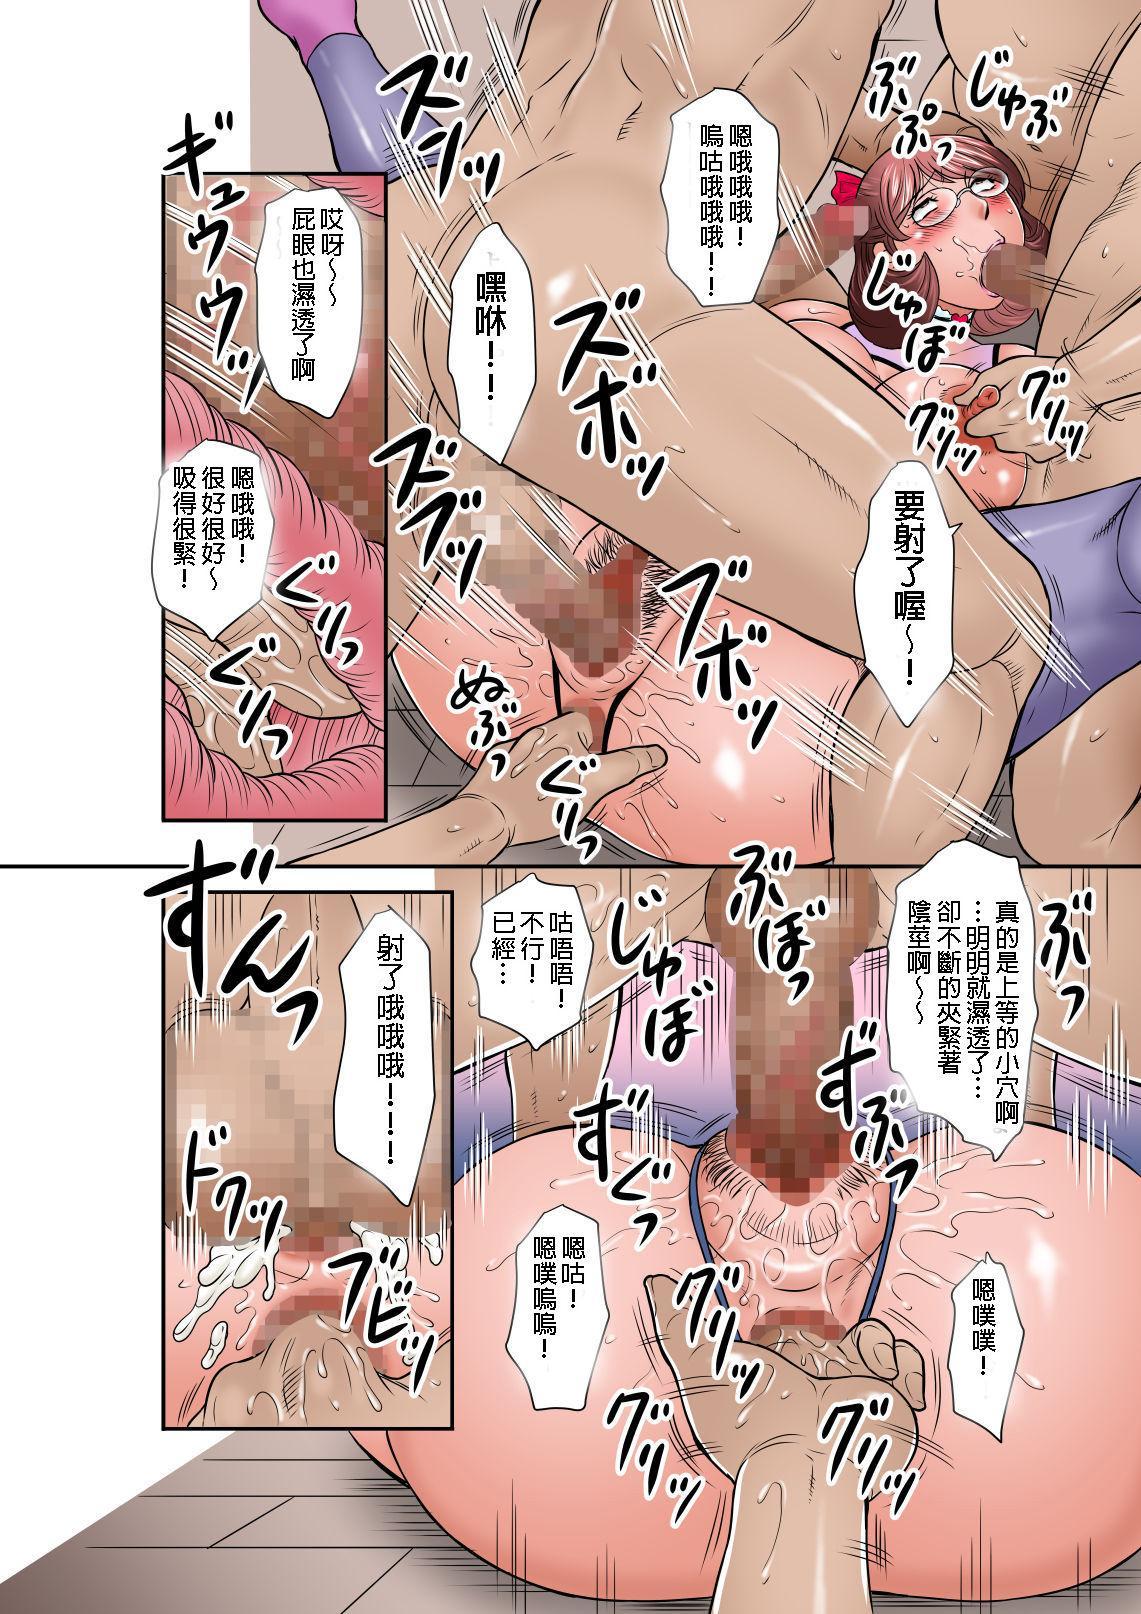 [Fuusen Club] Inka no Shizuku - Nikubenki Sayako 35-sai Sono San   淫花的綻放 [Chinese] [Digital] 13